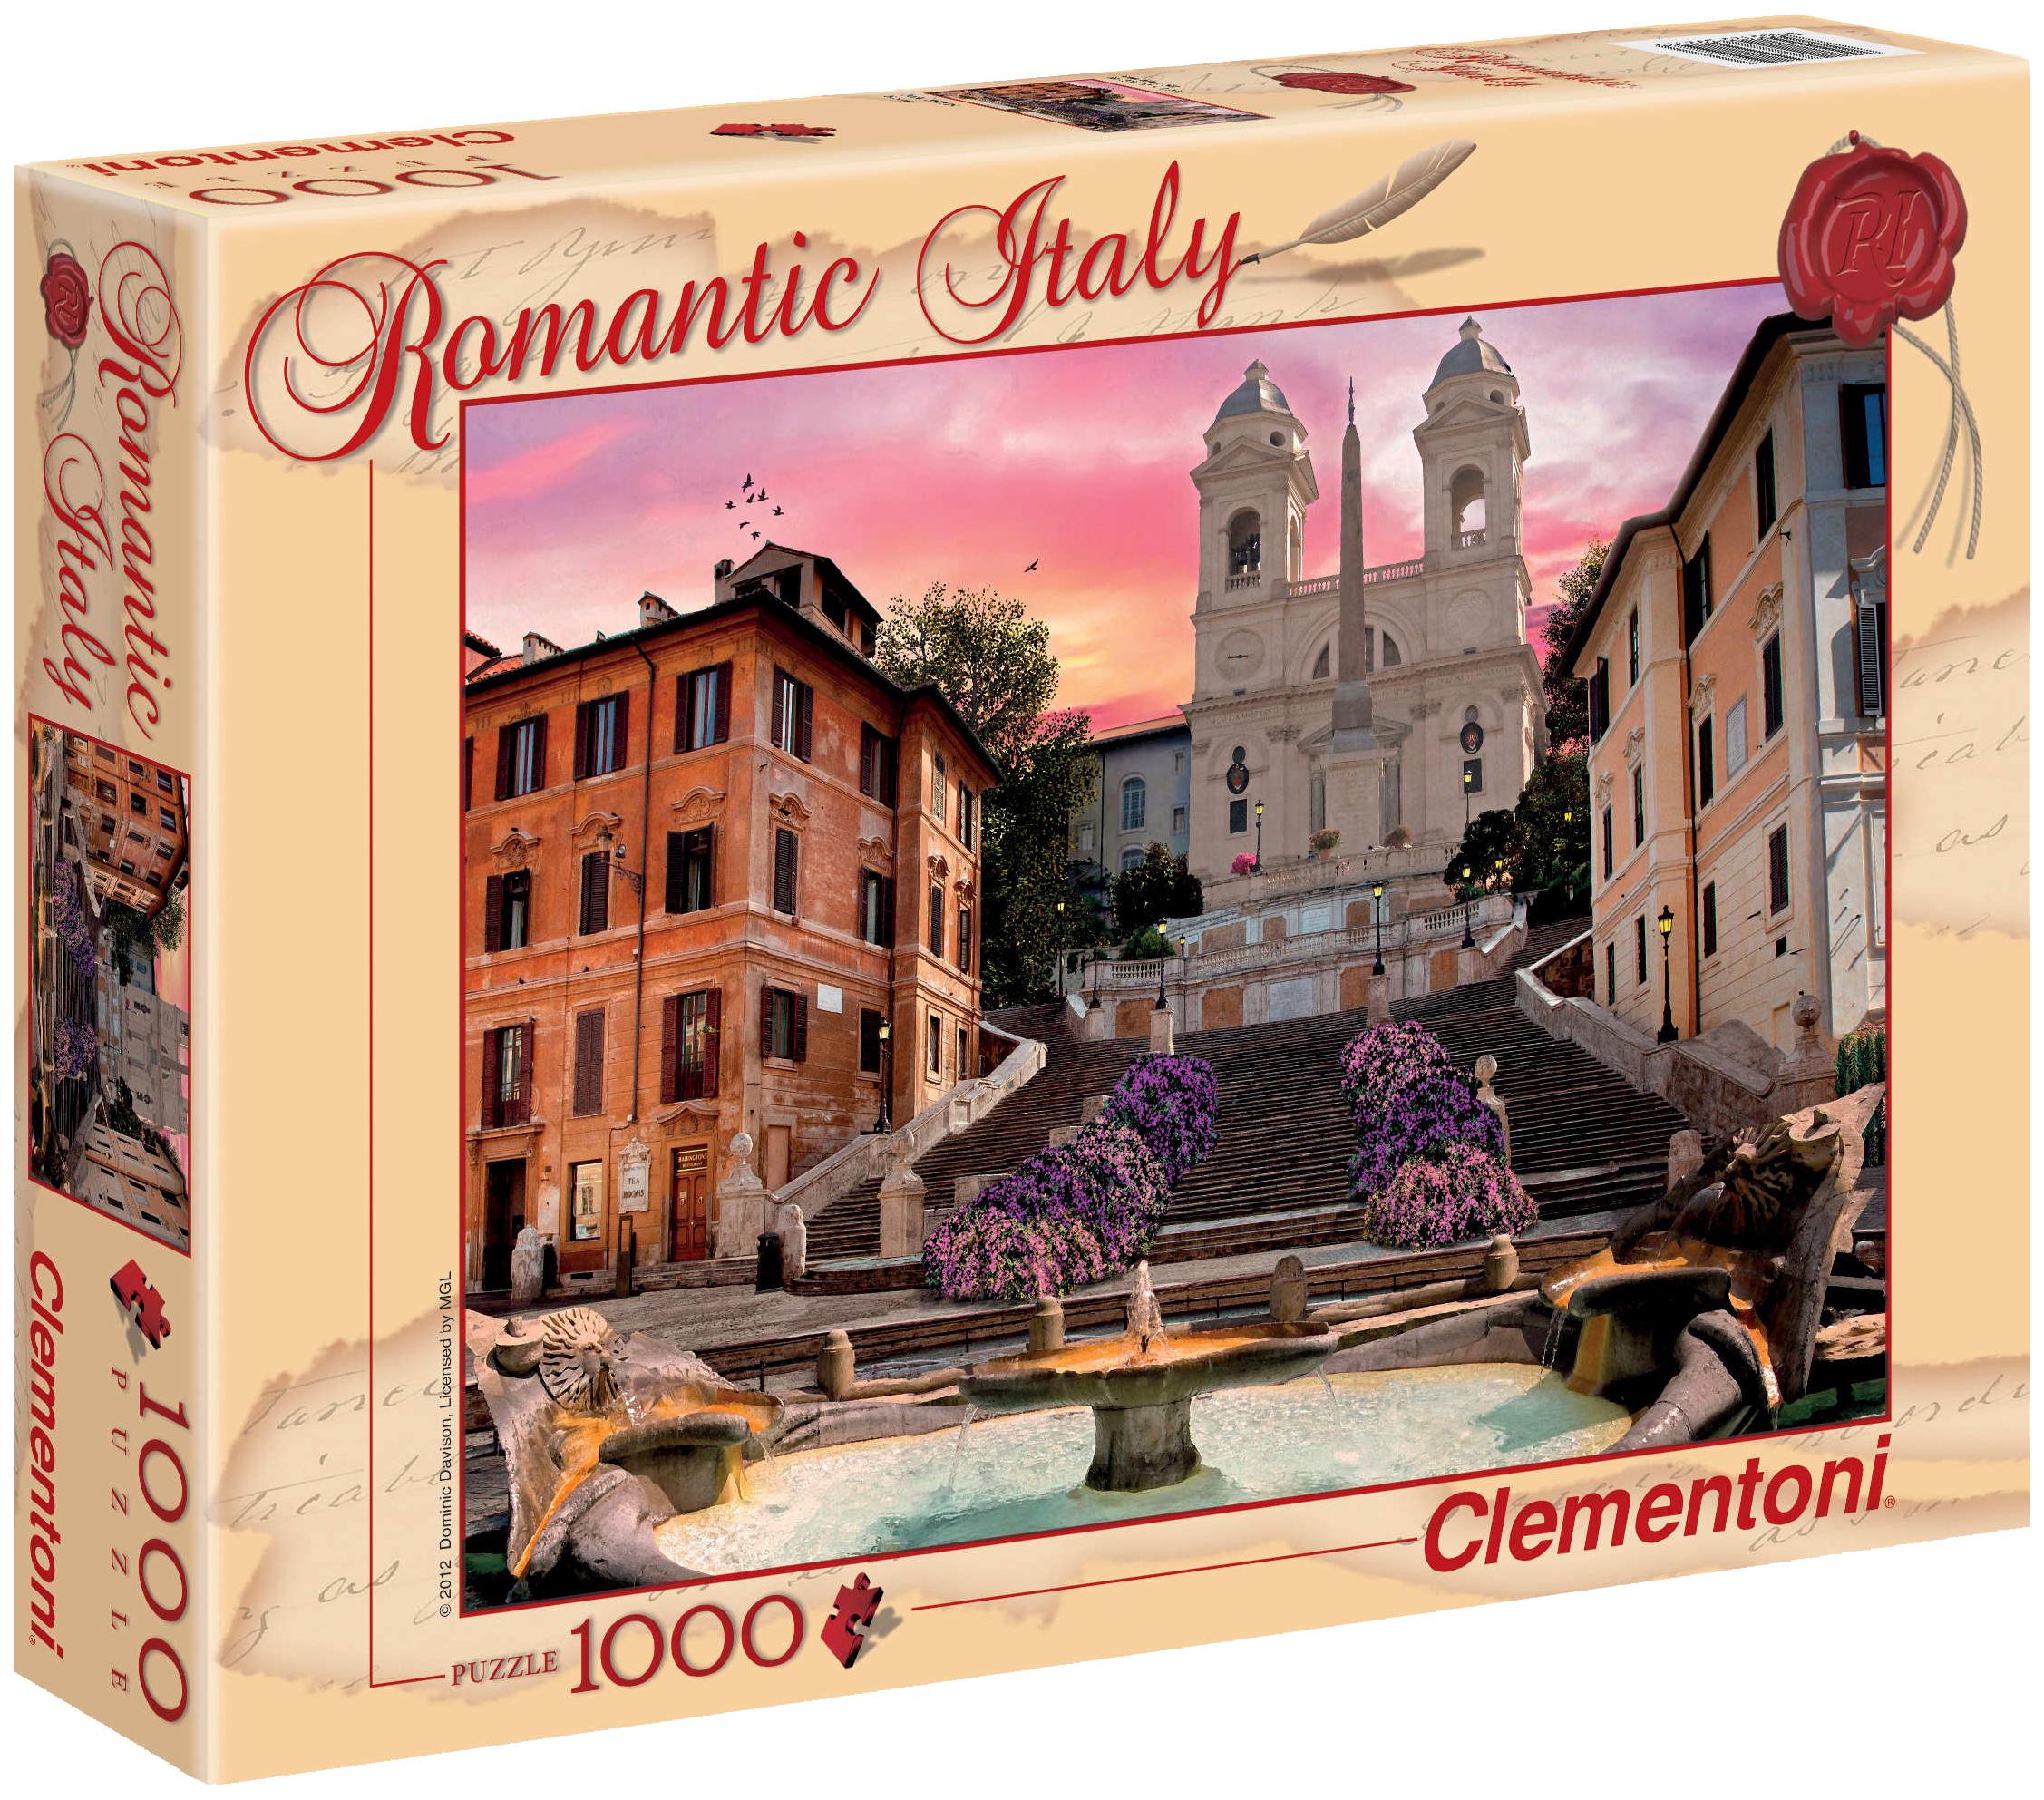 Пазл Clementoni Romantic Italy Рим 1000 элементов фото